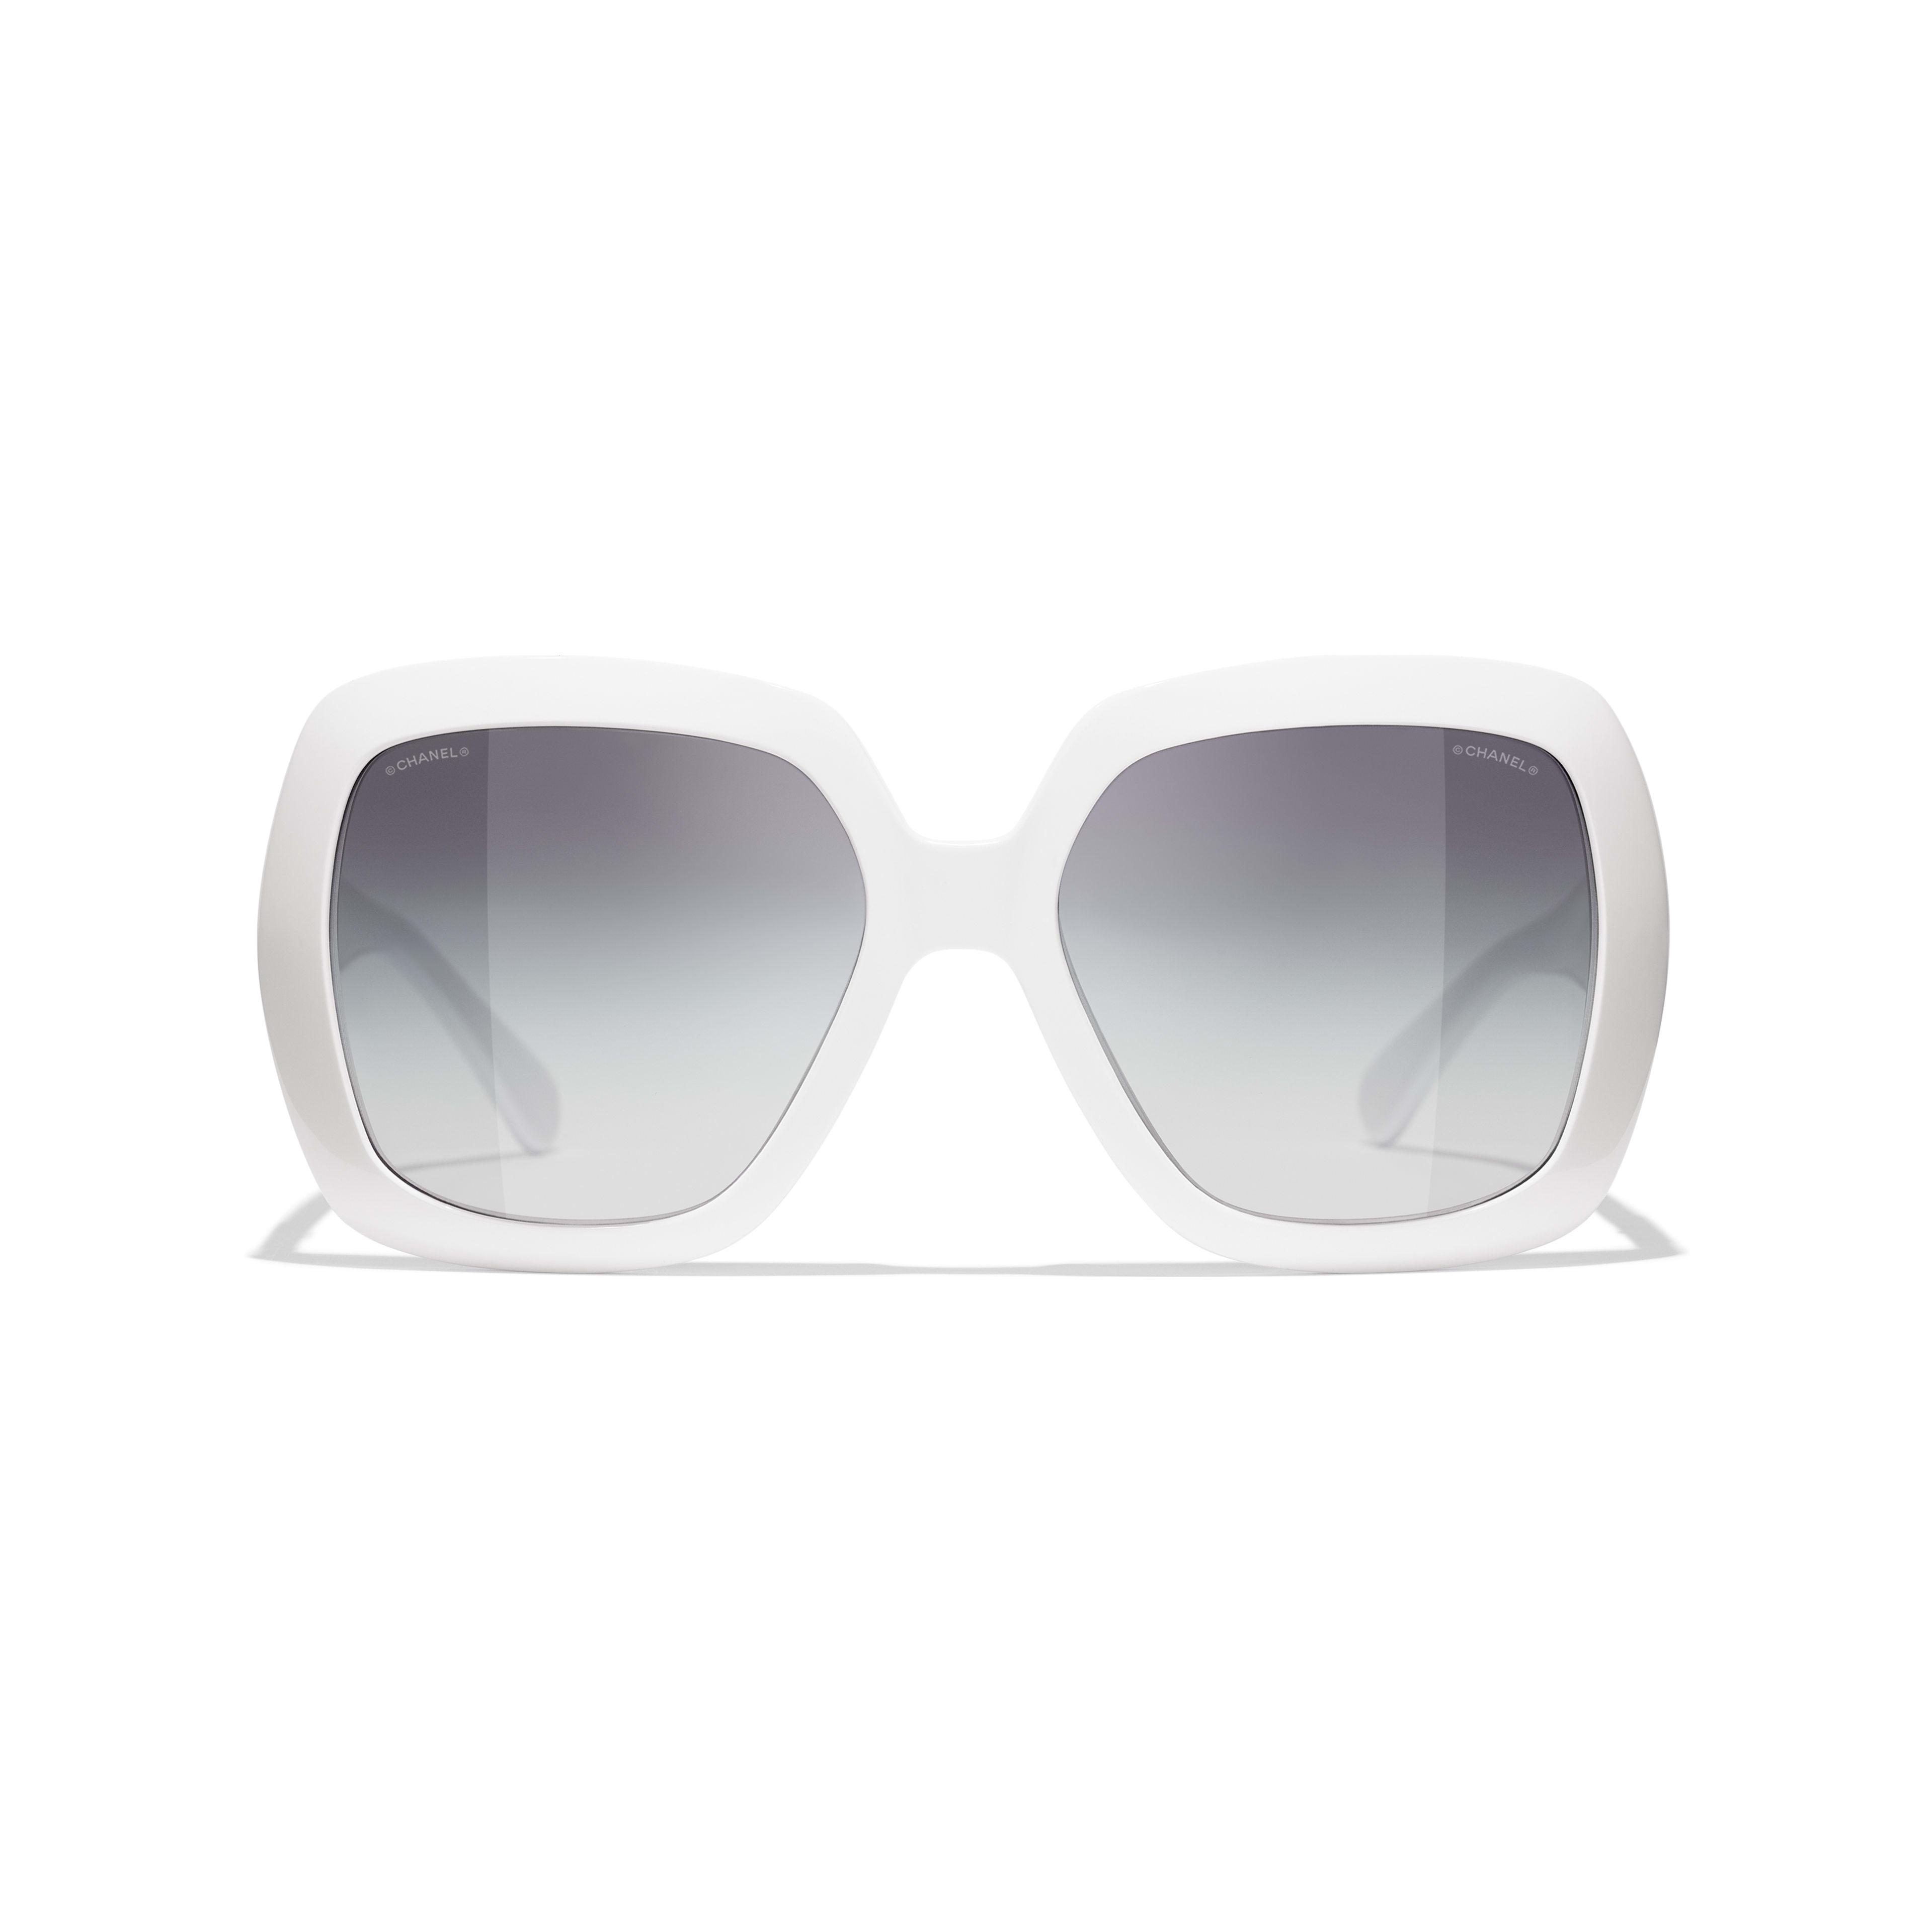 แว่นตากันแดดทรงเหลี่ยม - สีขาว - อะซิเตท - CHANEL - มุมมองทางอื่น - ดูเวอร์ชันขนาดมาตรฐาน